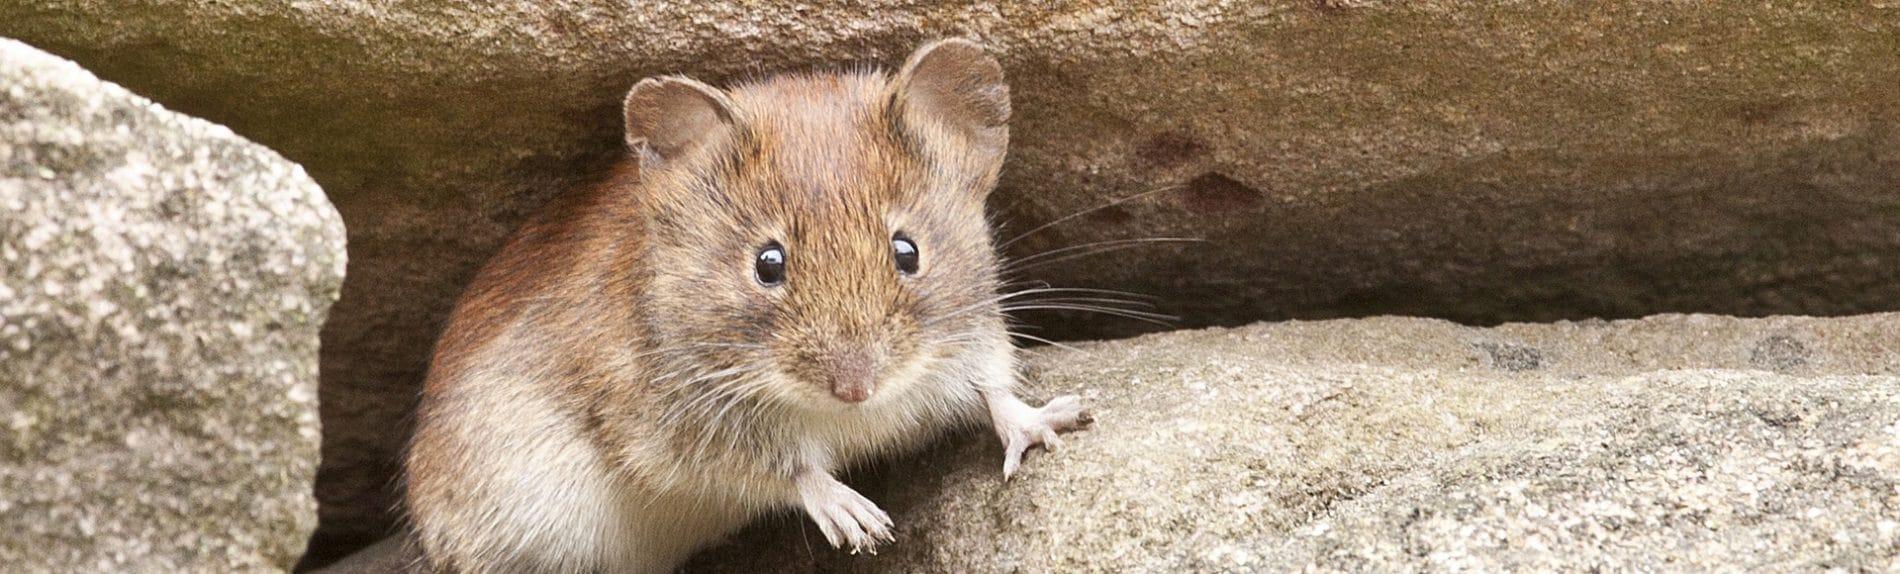 Vermex Muizenbestrijding - Muizenplaag - Muizen